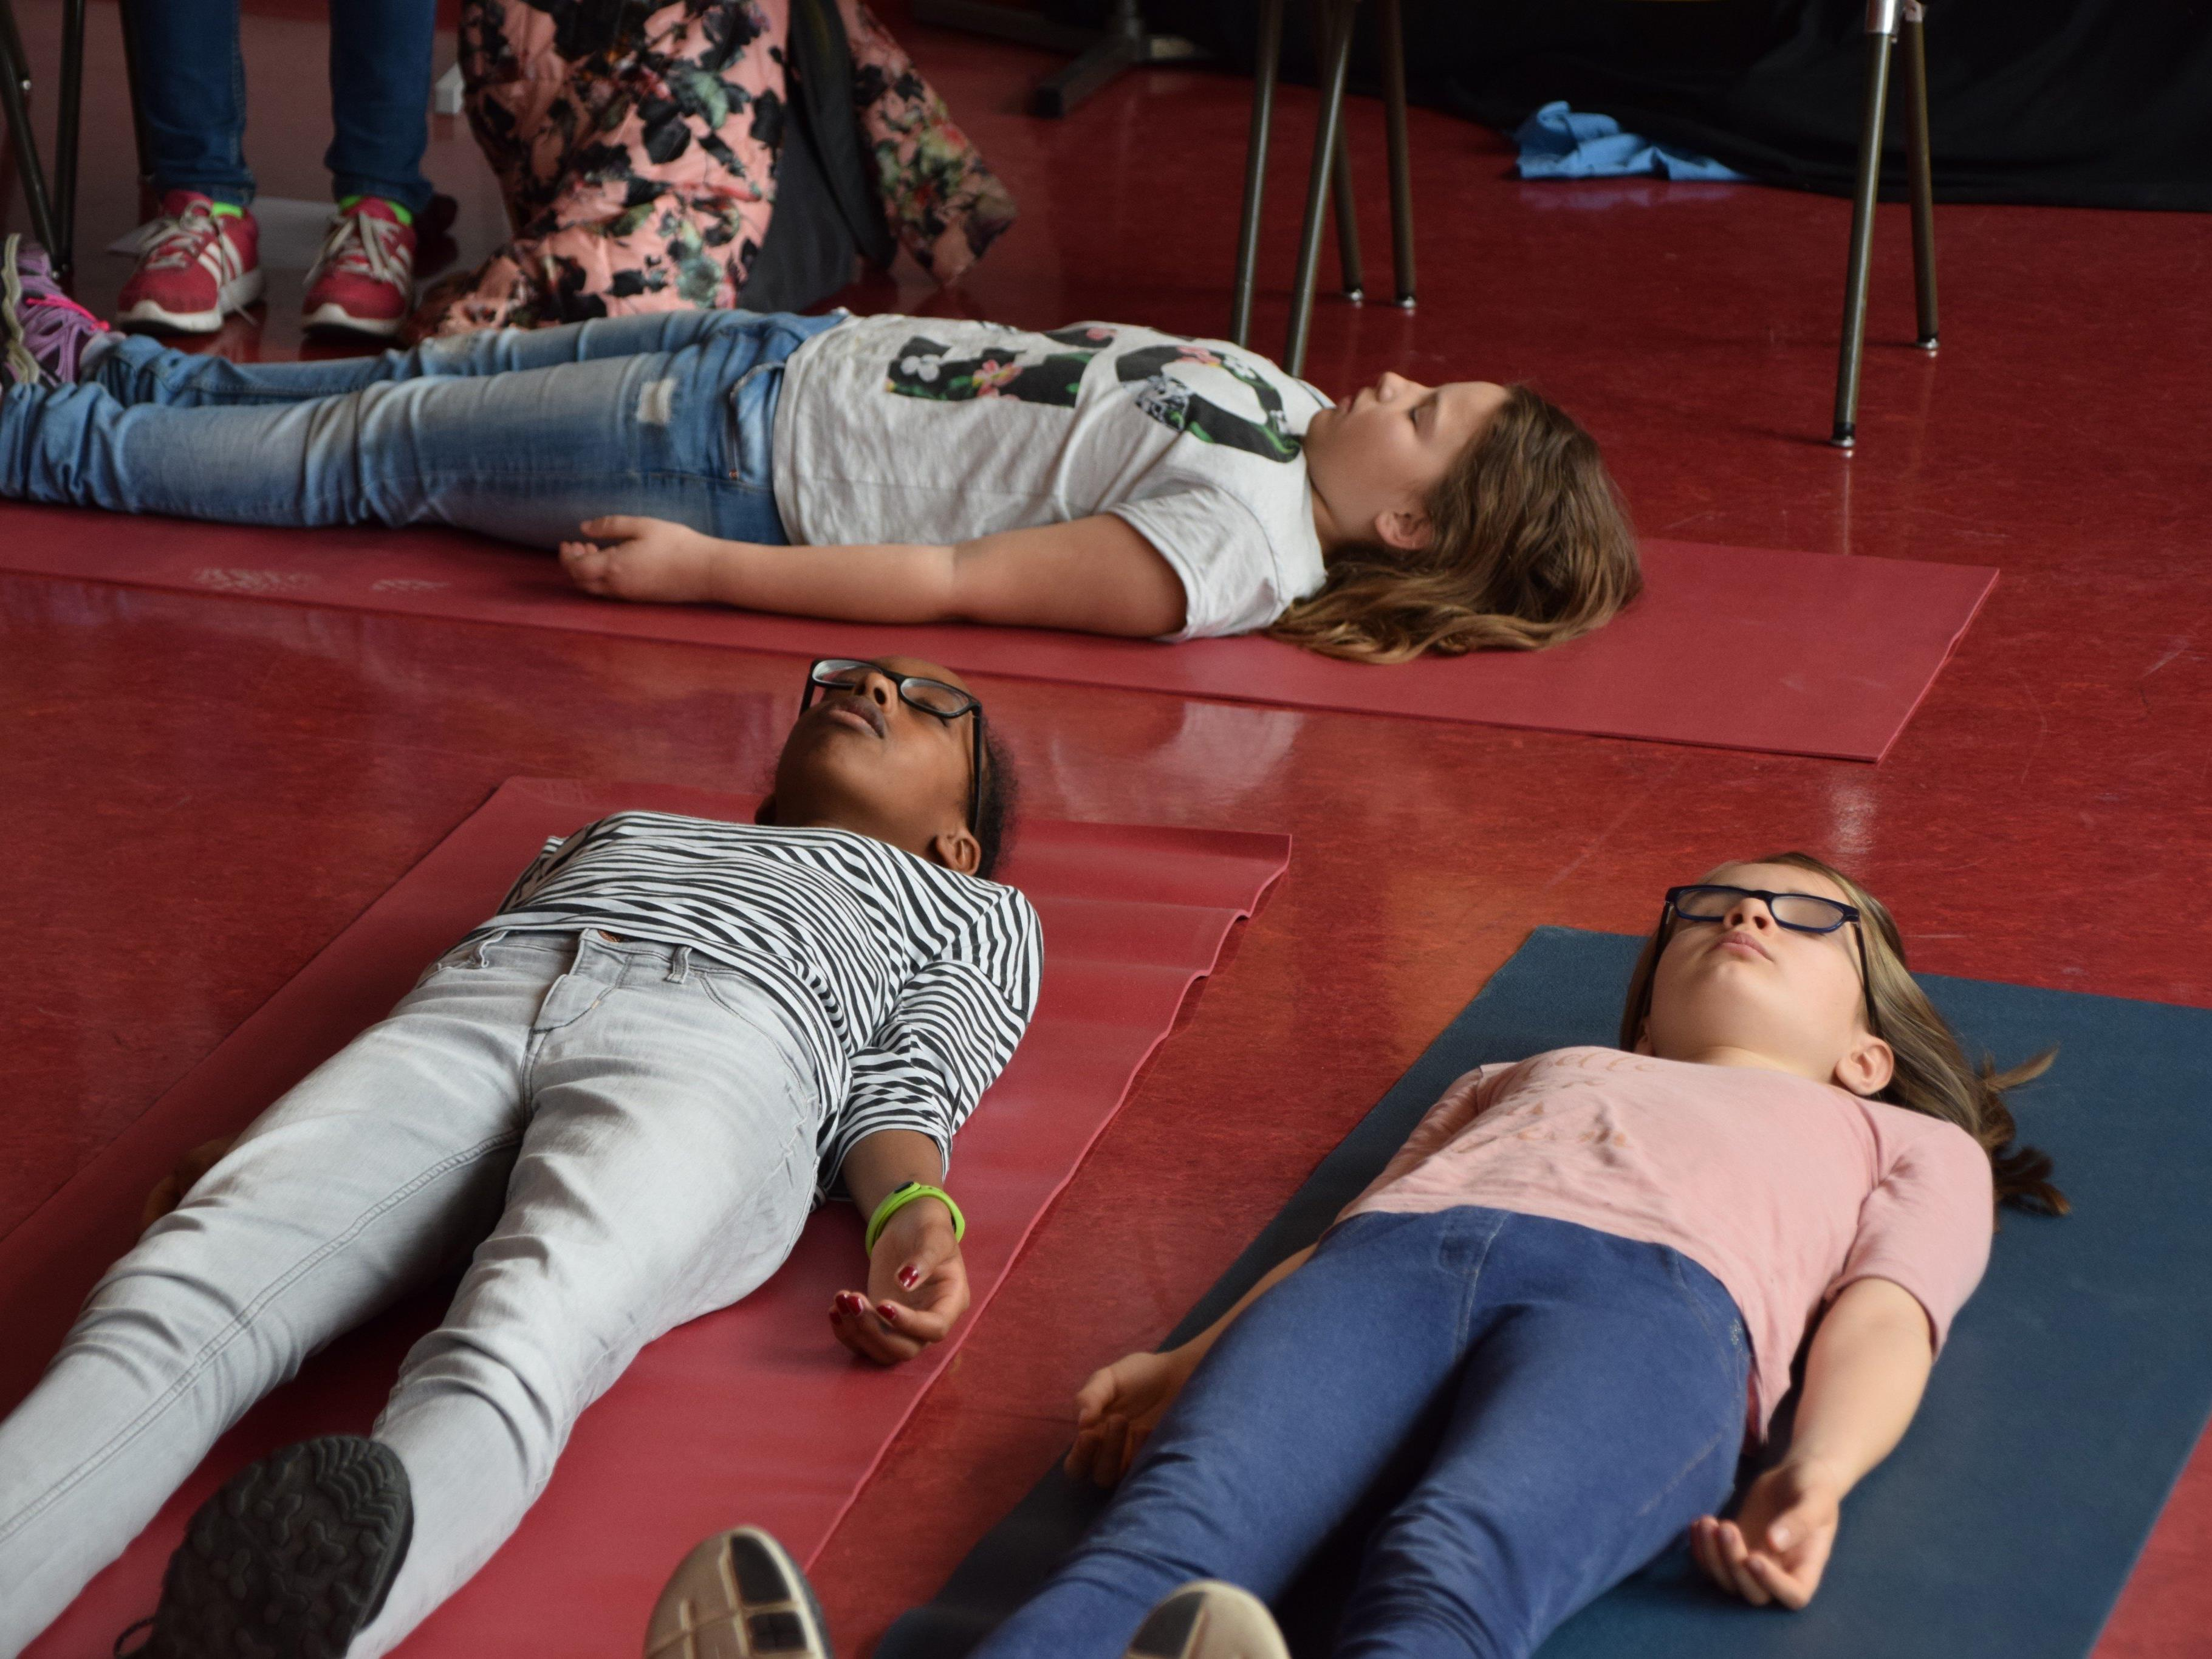 Beim Training werden die zwölfjährigen Schüler dreimal pro Woche begleitet.